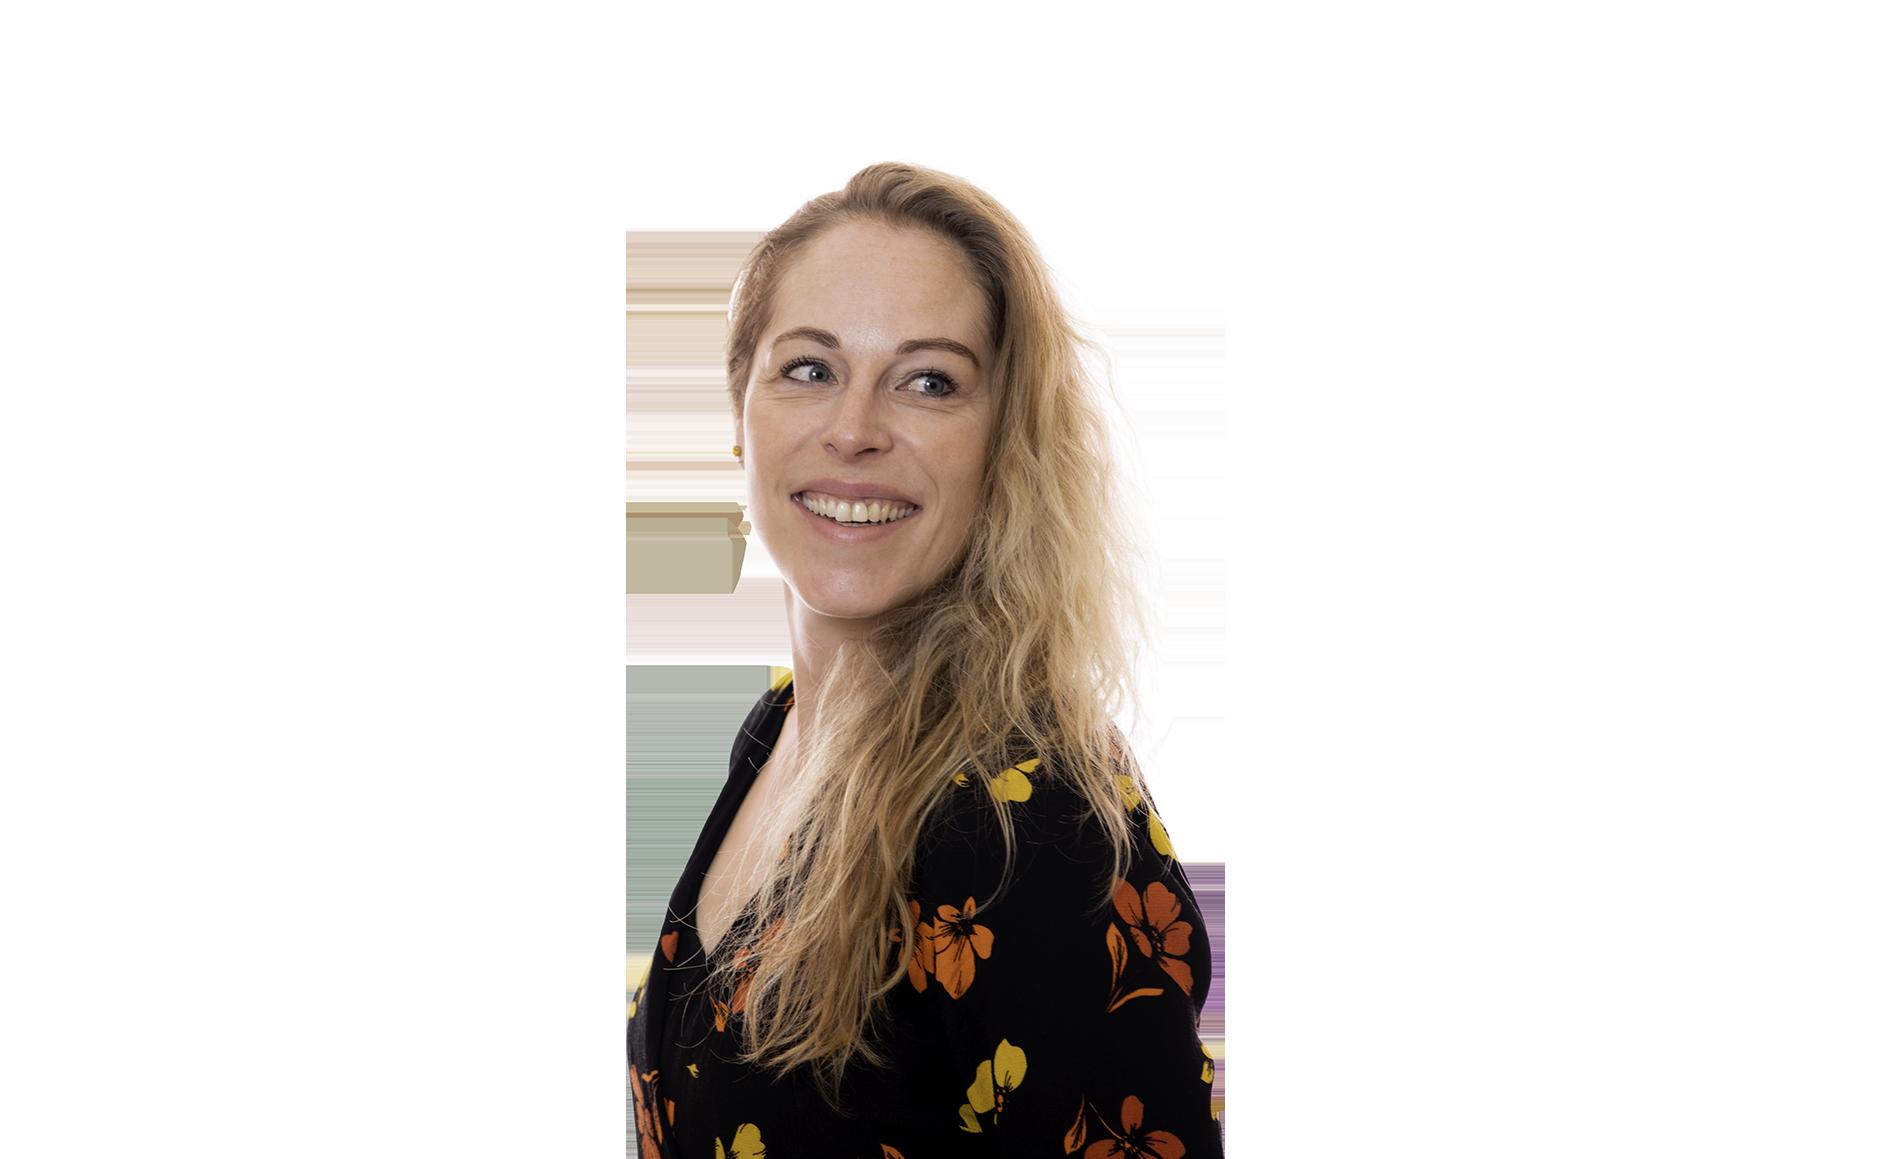 Minke van Dooremalen | Marketing Manager